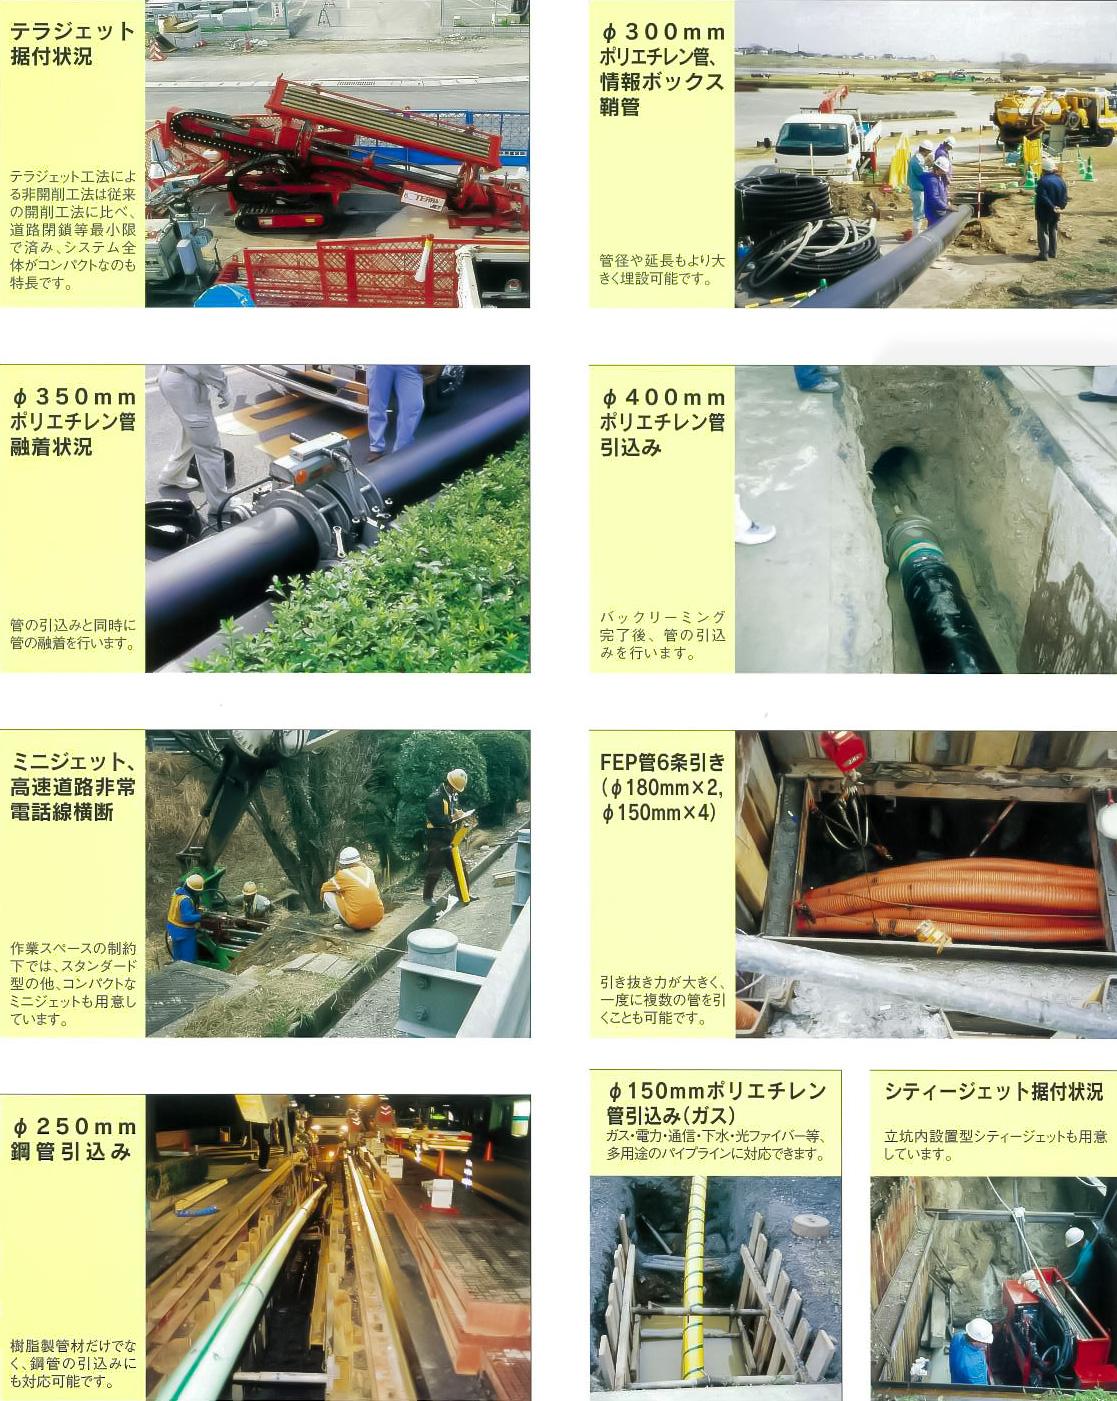 テラジェット工法の施工写真